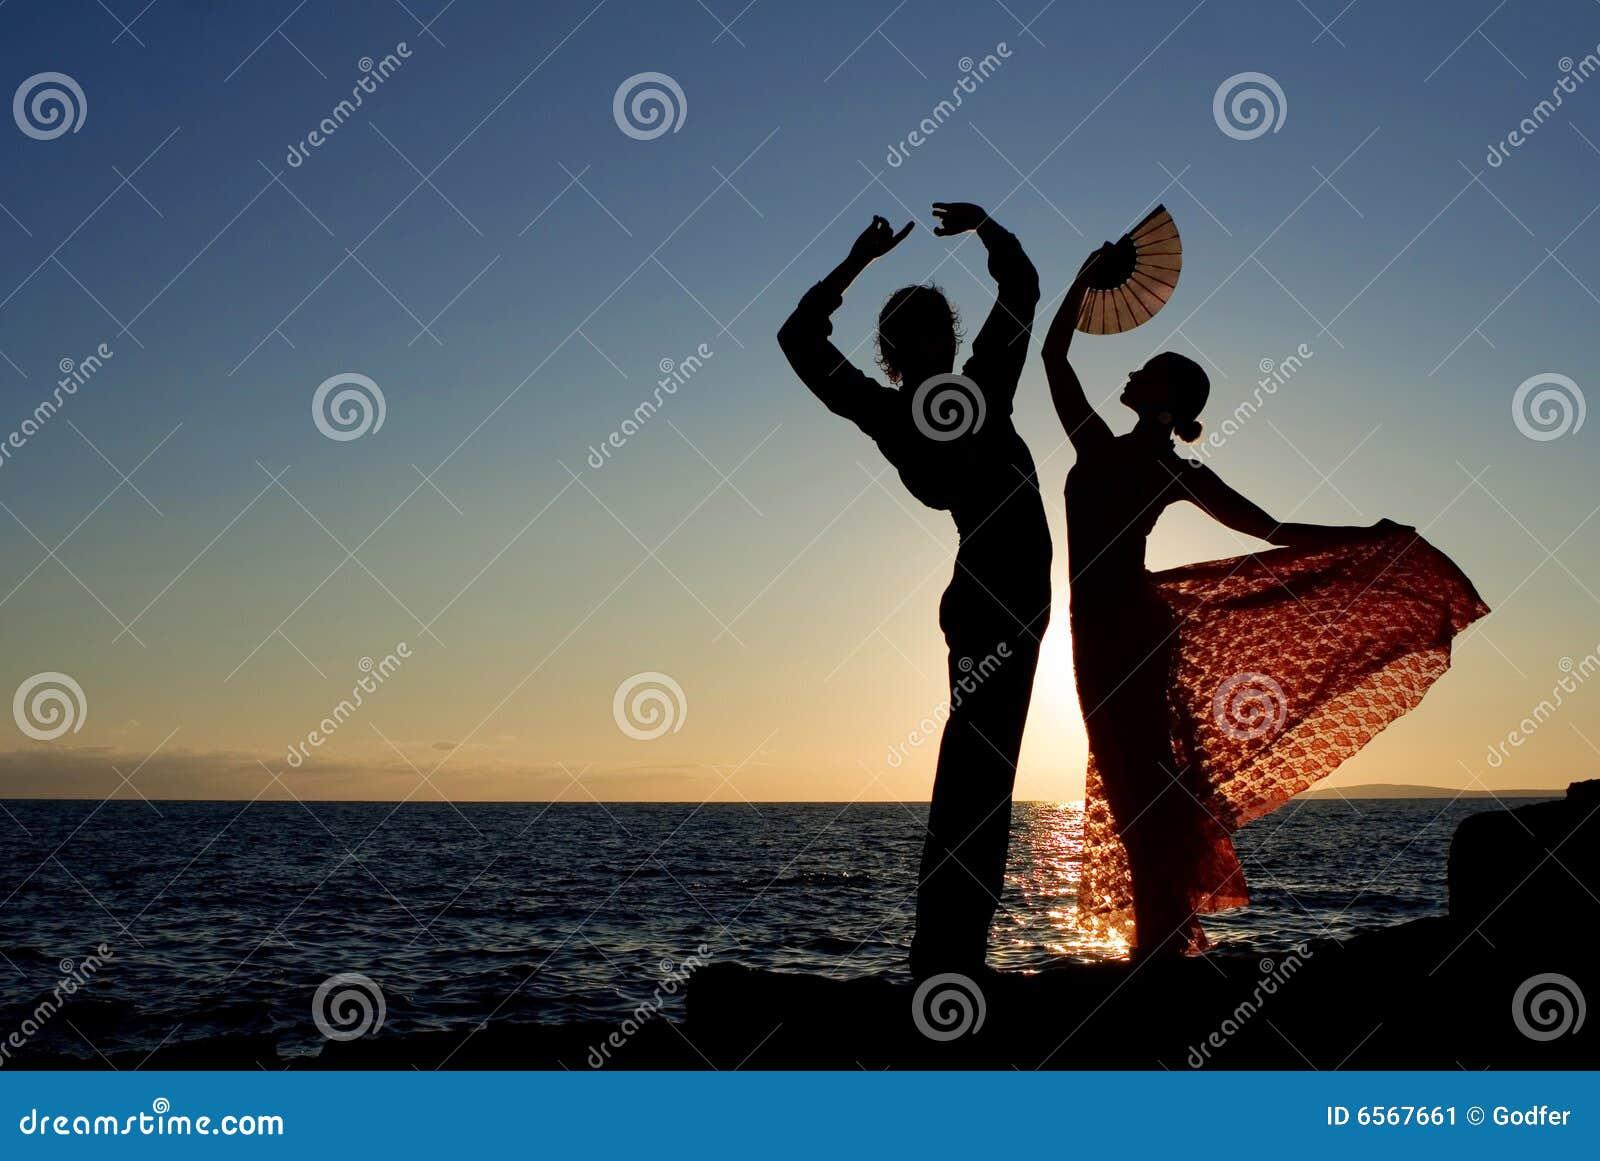 Baile español de los bailarines